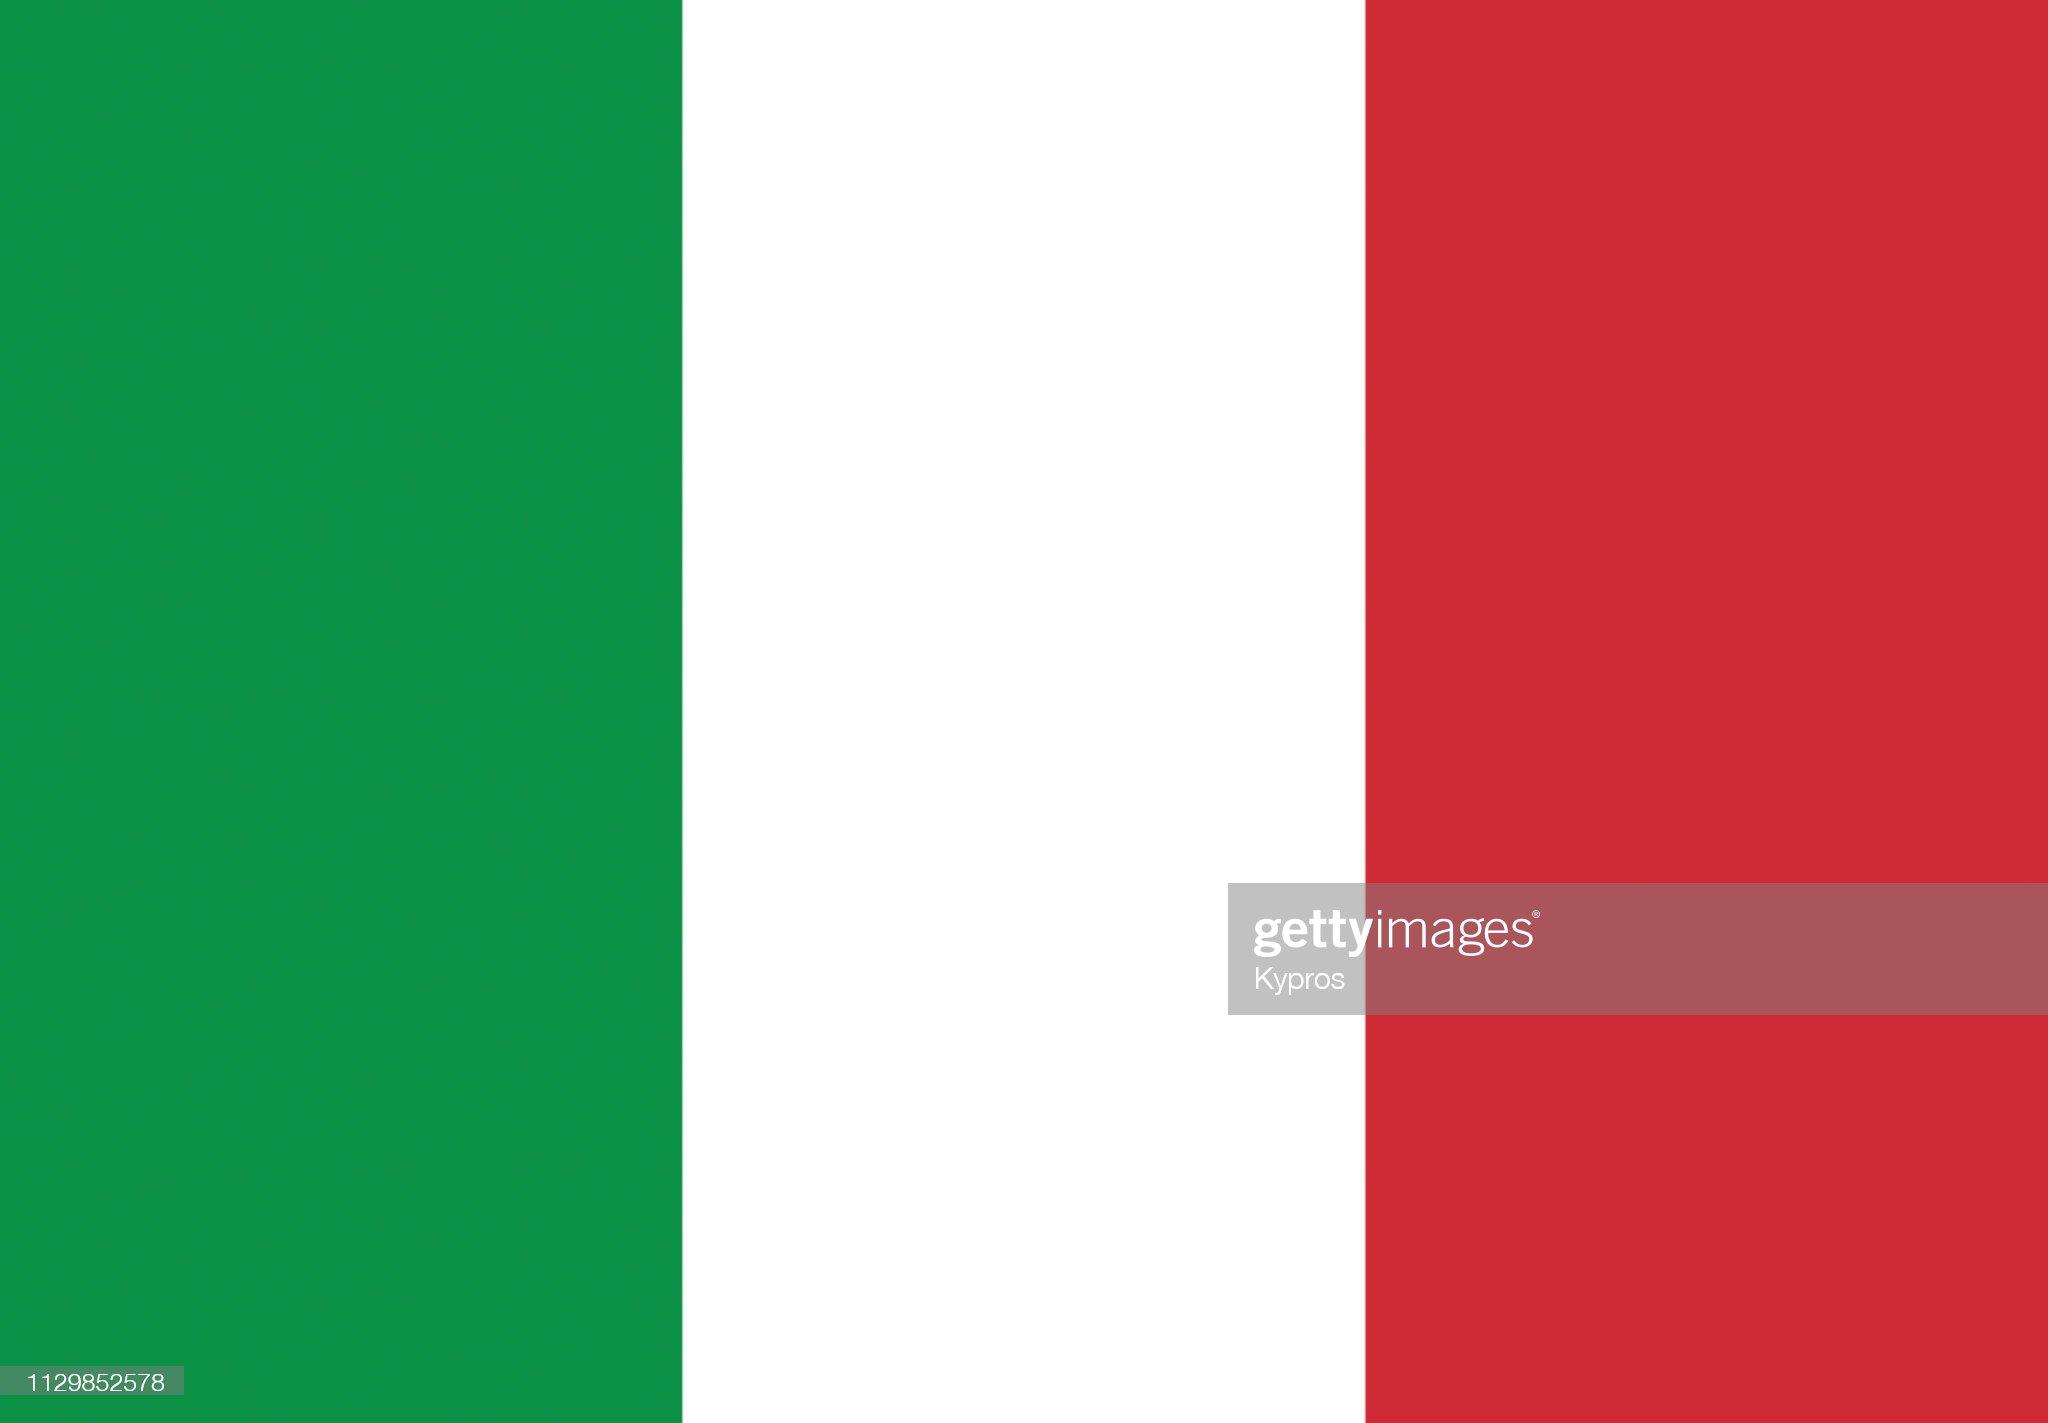 Italy Flag : ストックフォト